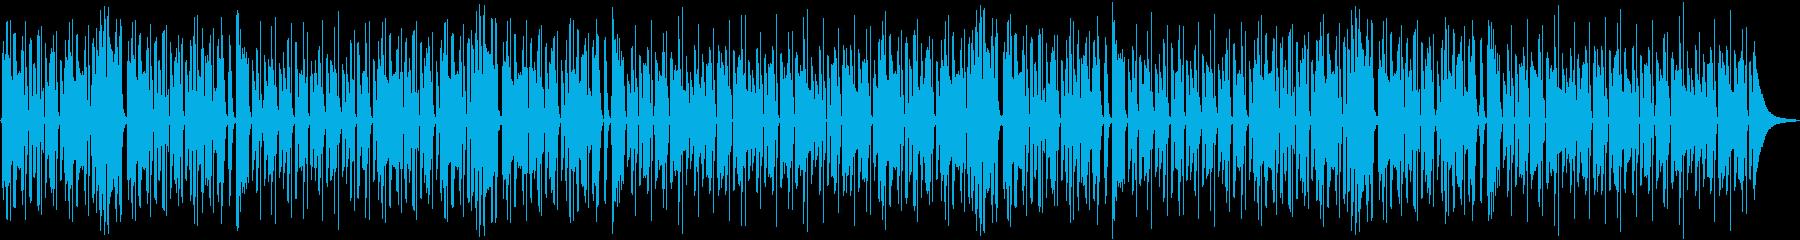 日常リコーダー・YouTube商品紹介の再生済みの波形